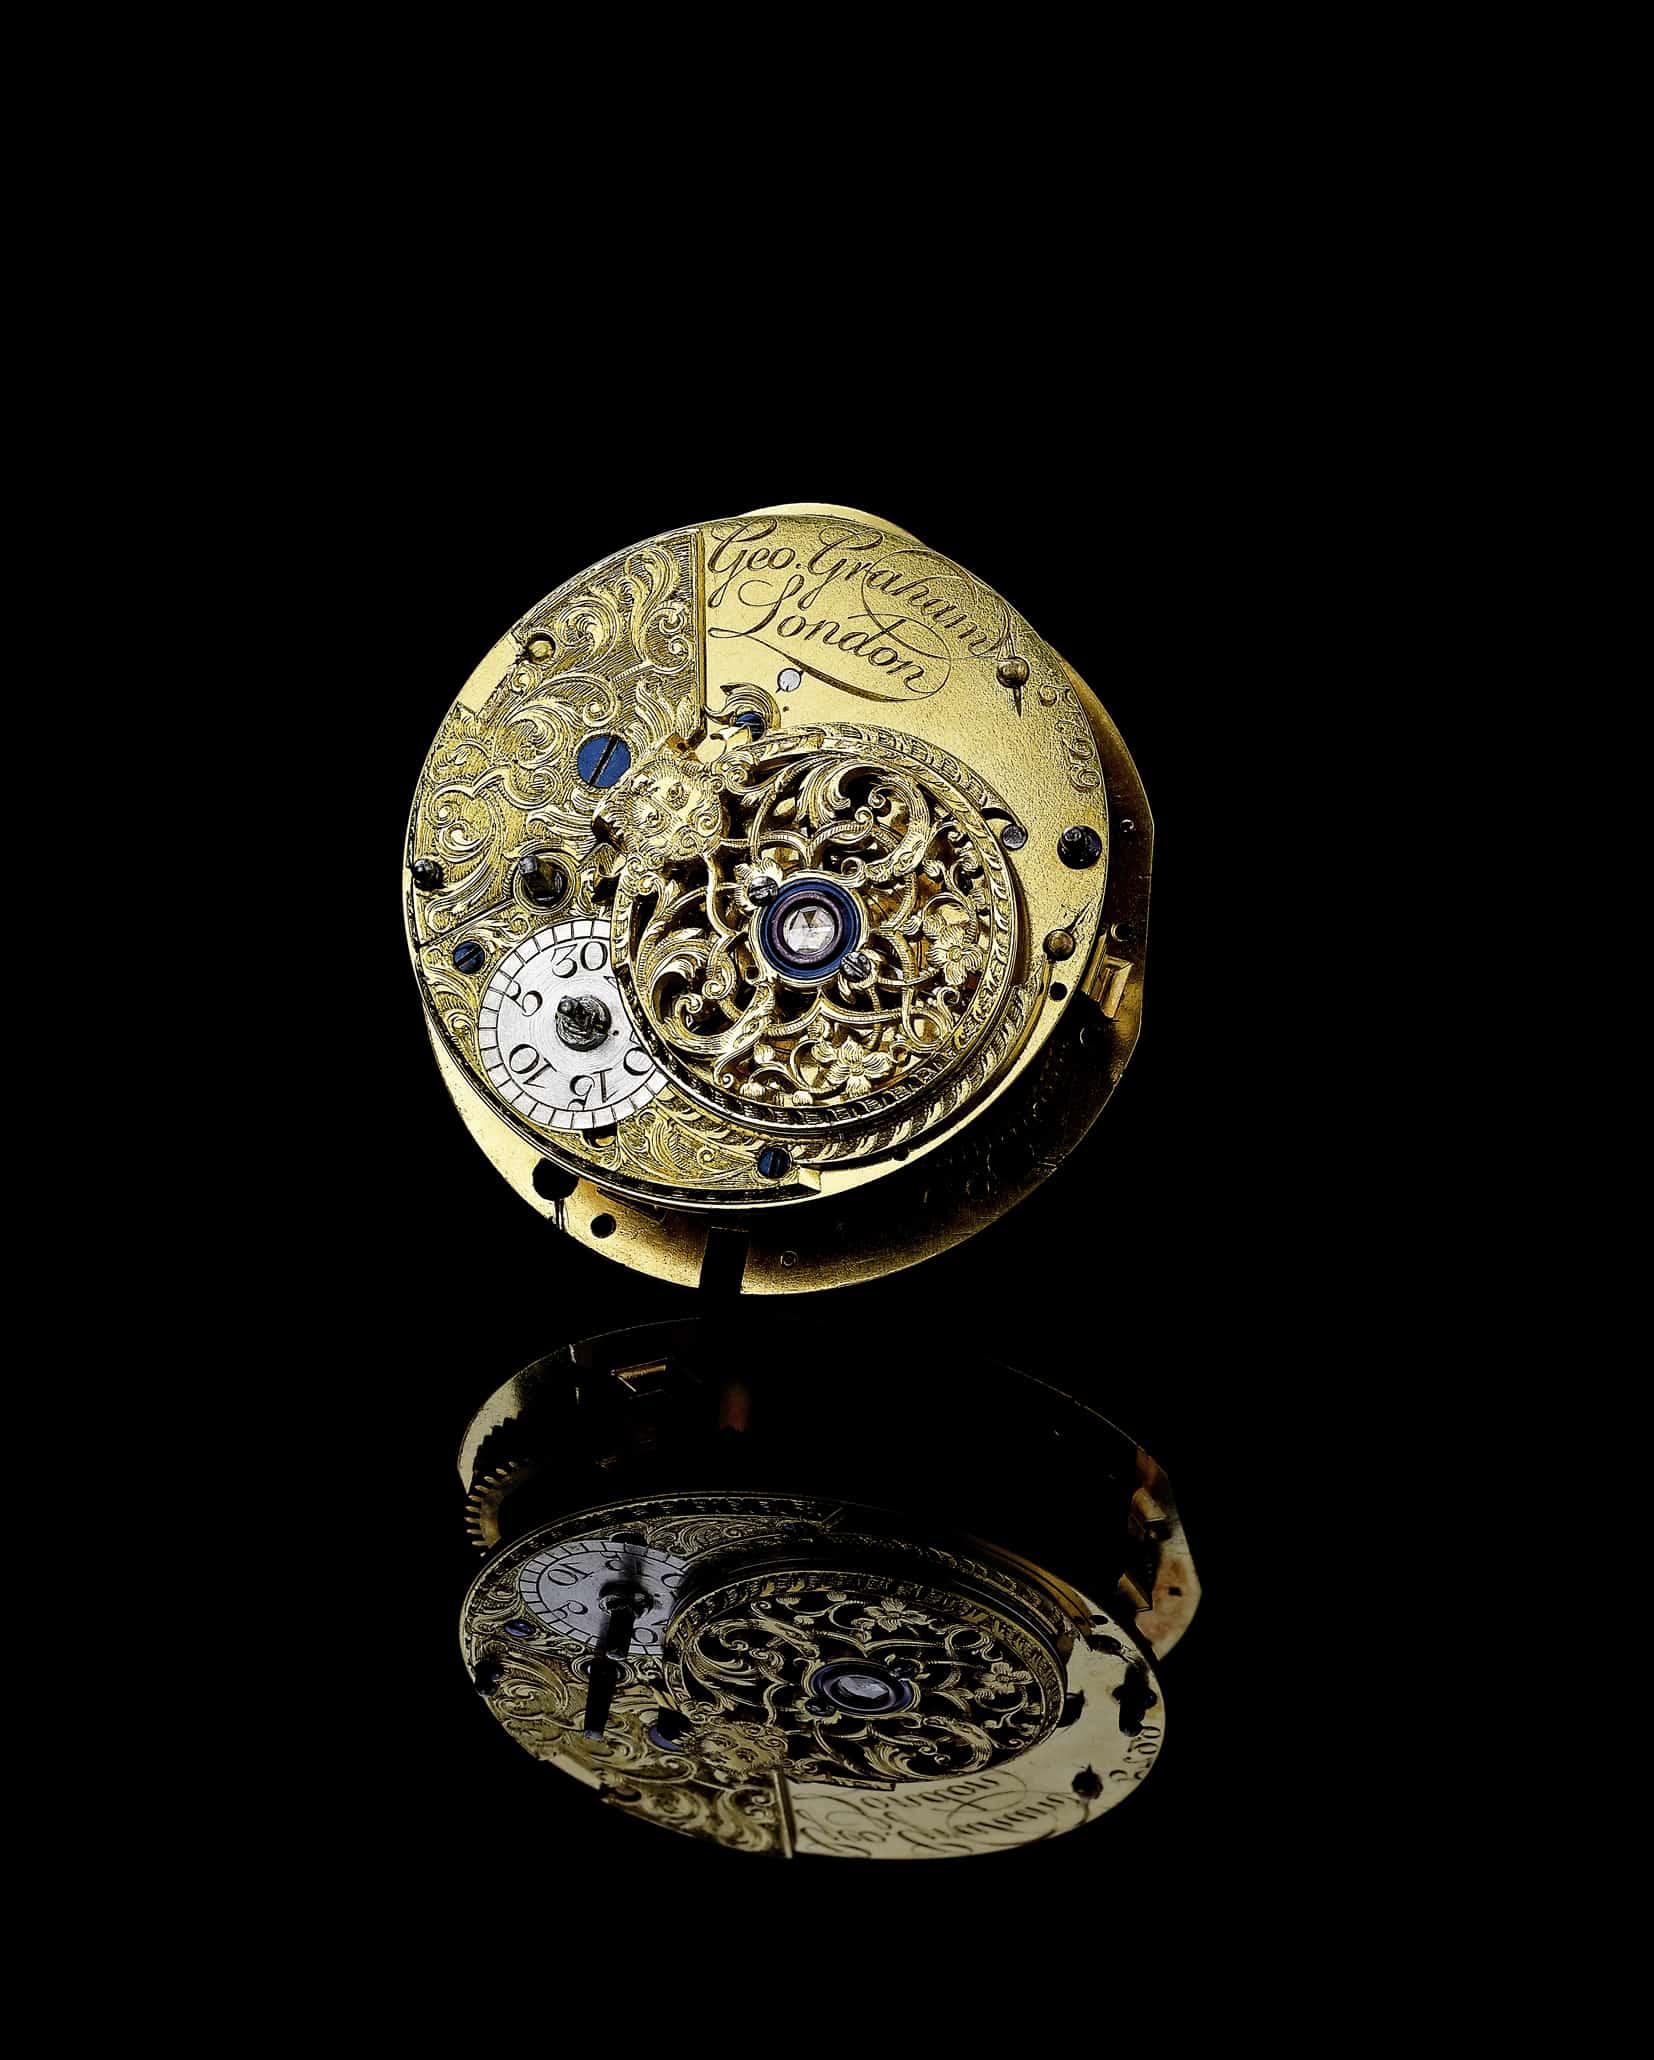 Ein Original-Uhrwerk von George Graham, dem englischen Uhrmacher und Erfinder